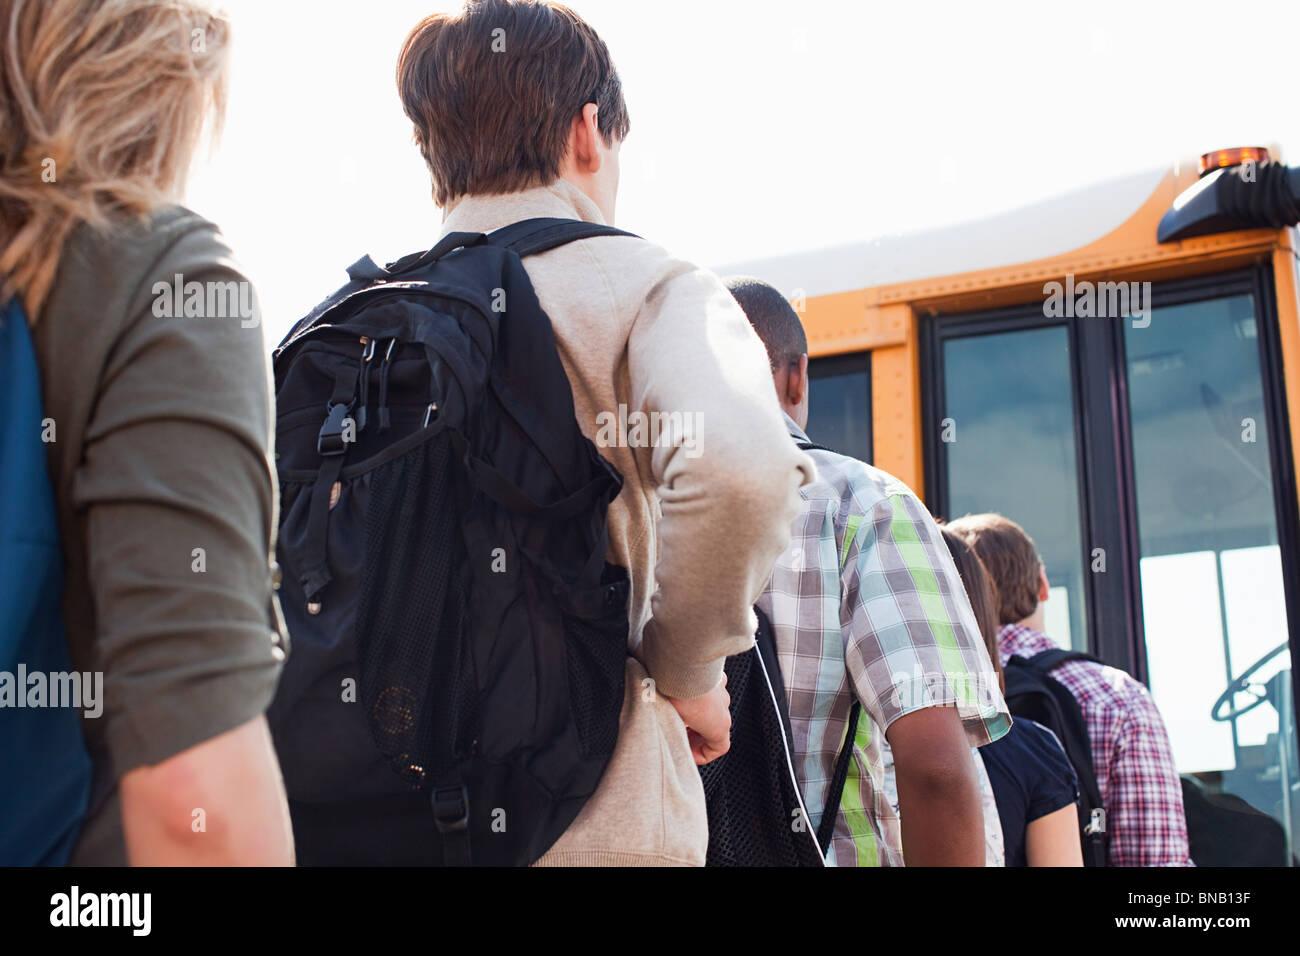 Schülerinnen und Schüler Schlange für Schulbus Stockbild